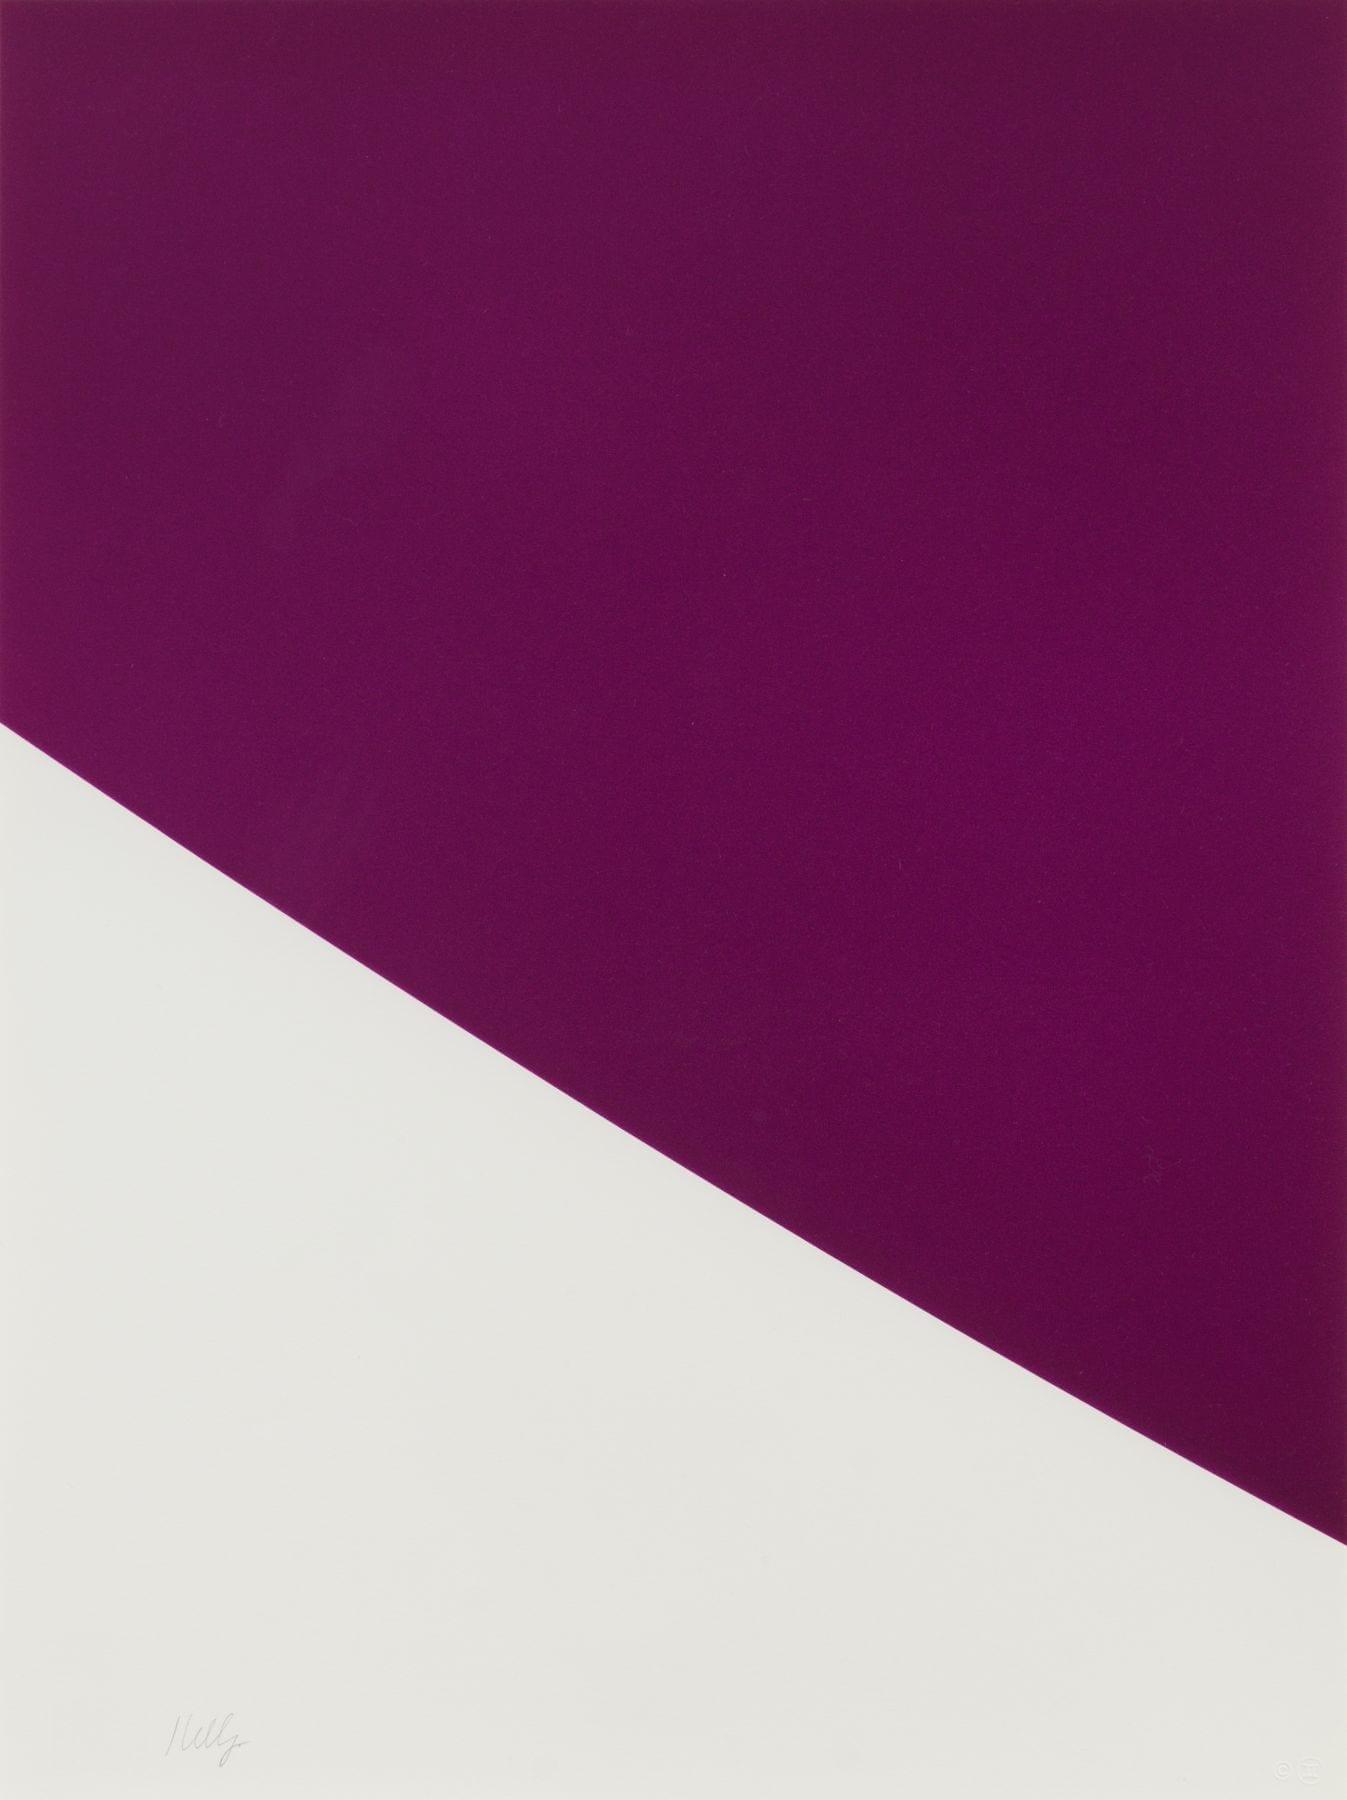 Purple Curve, 1999